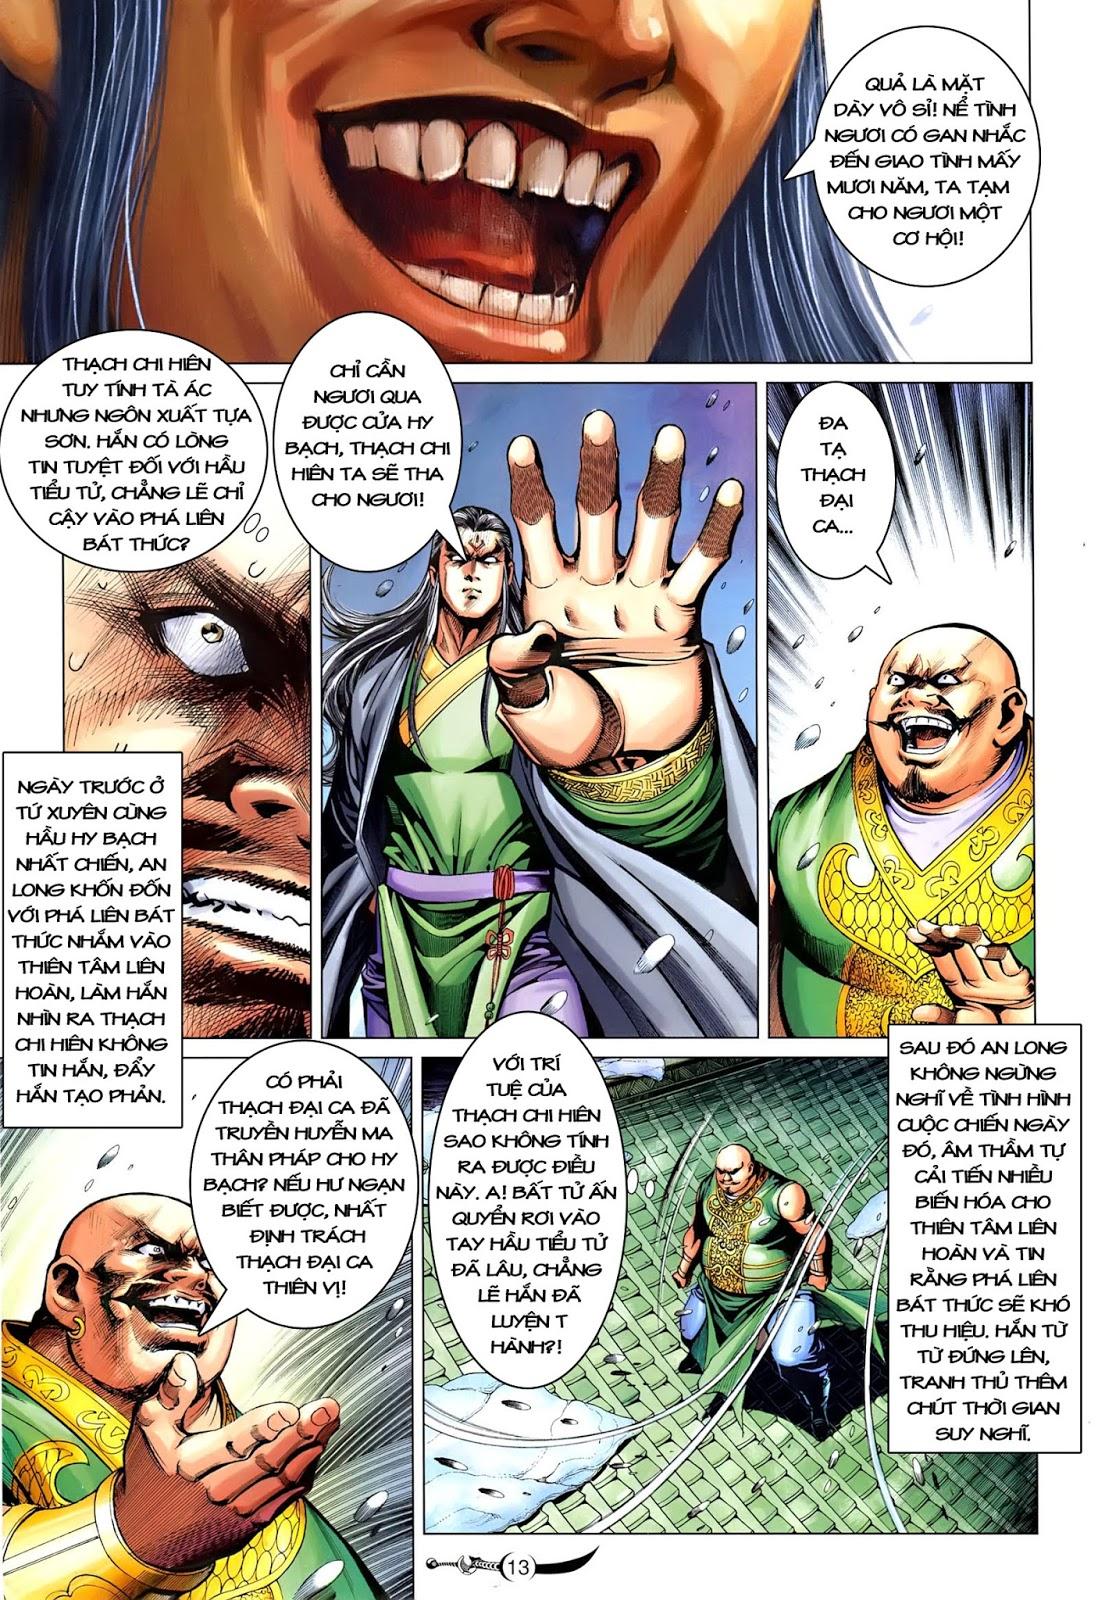 Đại Đường Song Long Truyện chap 218 - Trang 15